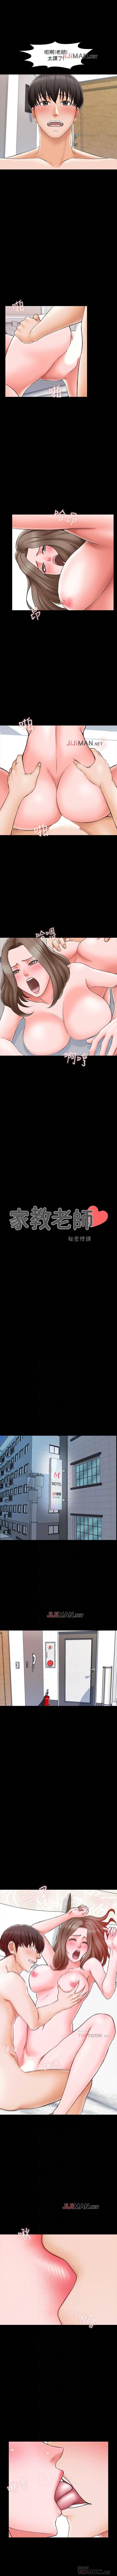 【周一连载】家教老师(作者: CreamMedia) 第1~44话 141